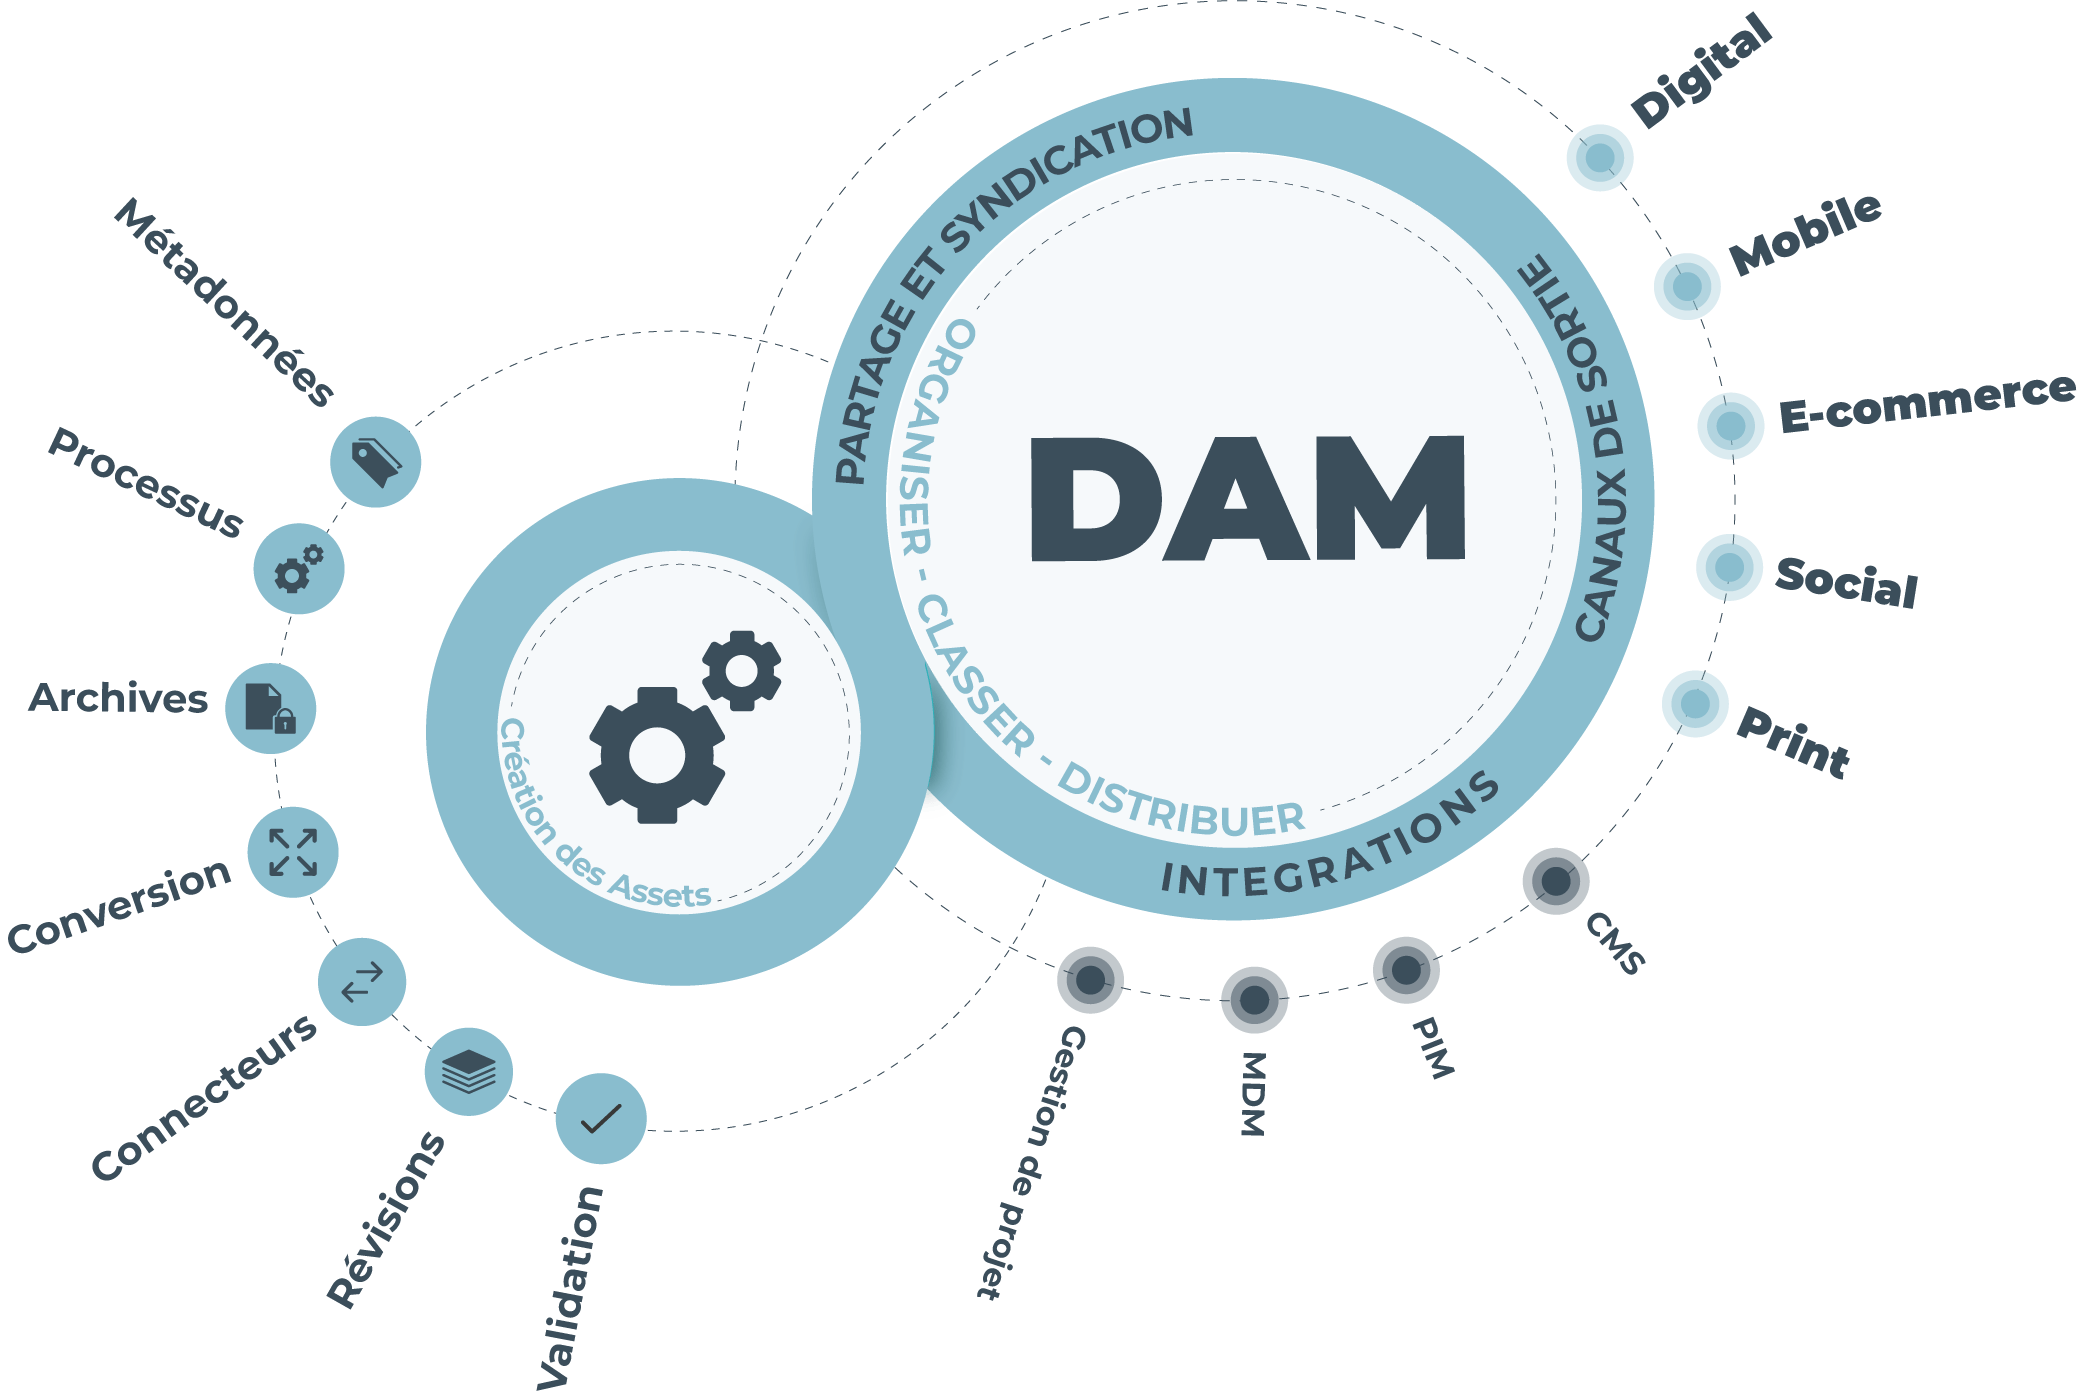 Le DAM permet de stocker, organiser et partager les ressources numériques d'une entreprise, de manière centralisée.